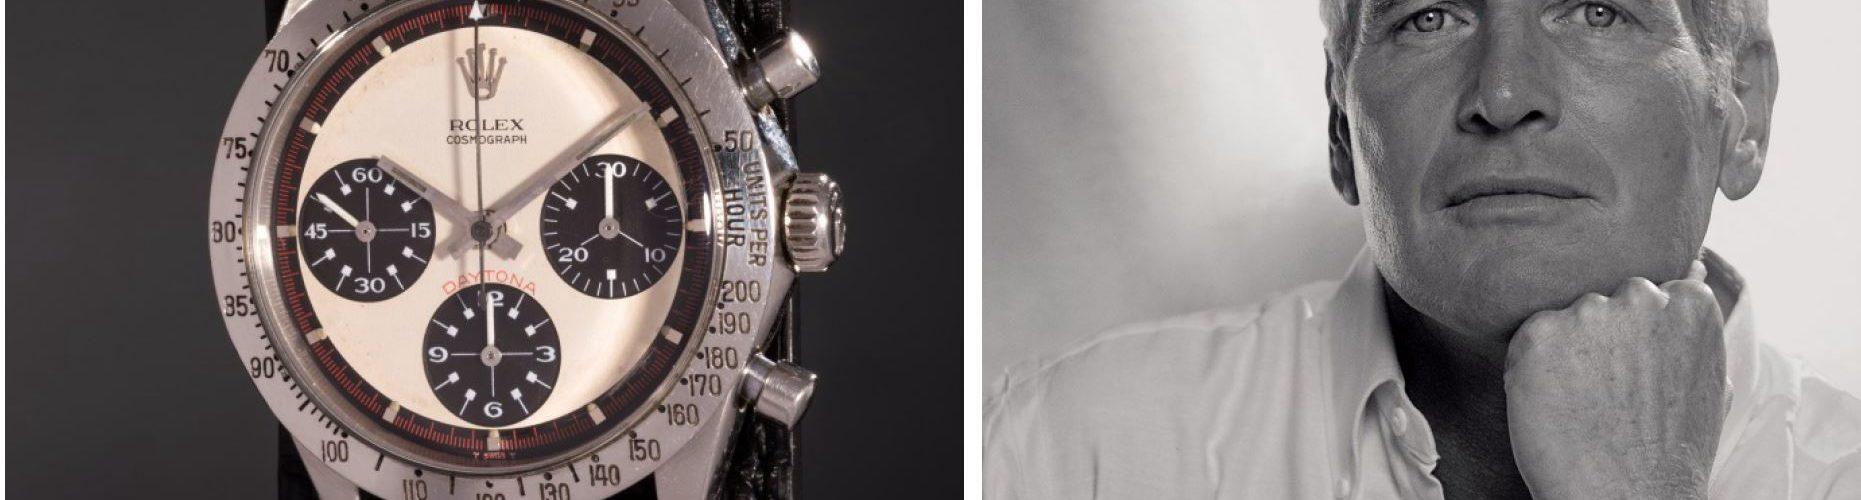 Paul Newman Rolex Daytona 6239 teuerste Uhr der Welt